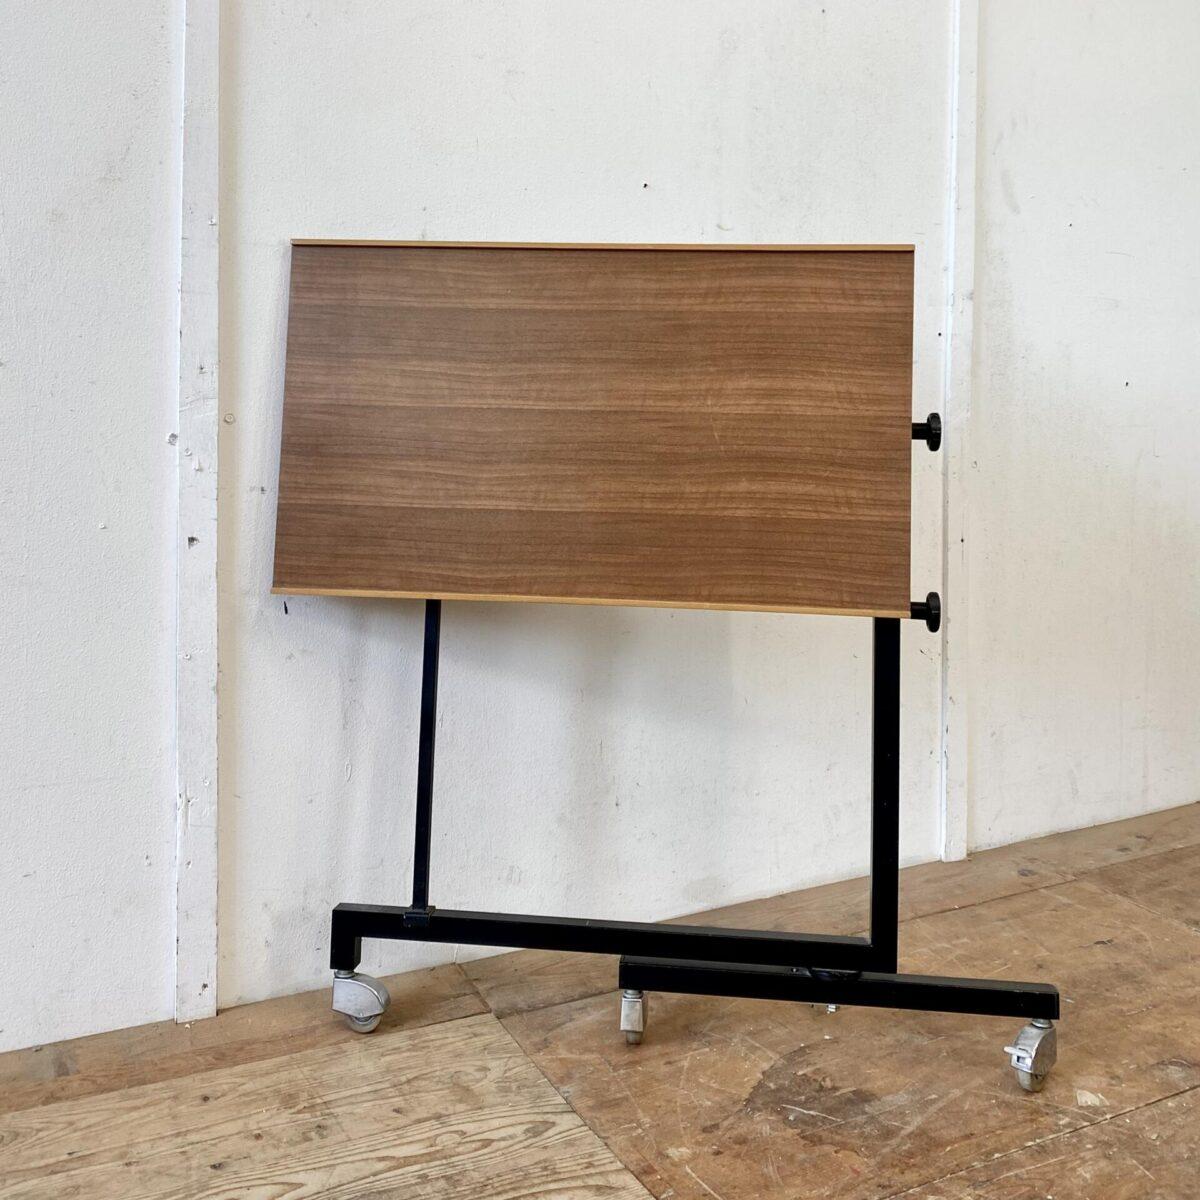 Bauhaus Stuhl Stahlrohr Möbel Bigla embru Caruelle